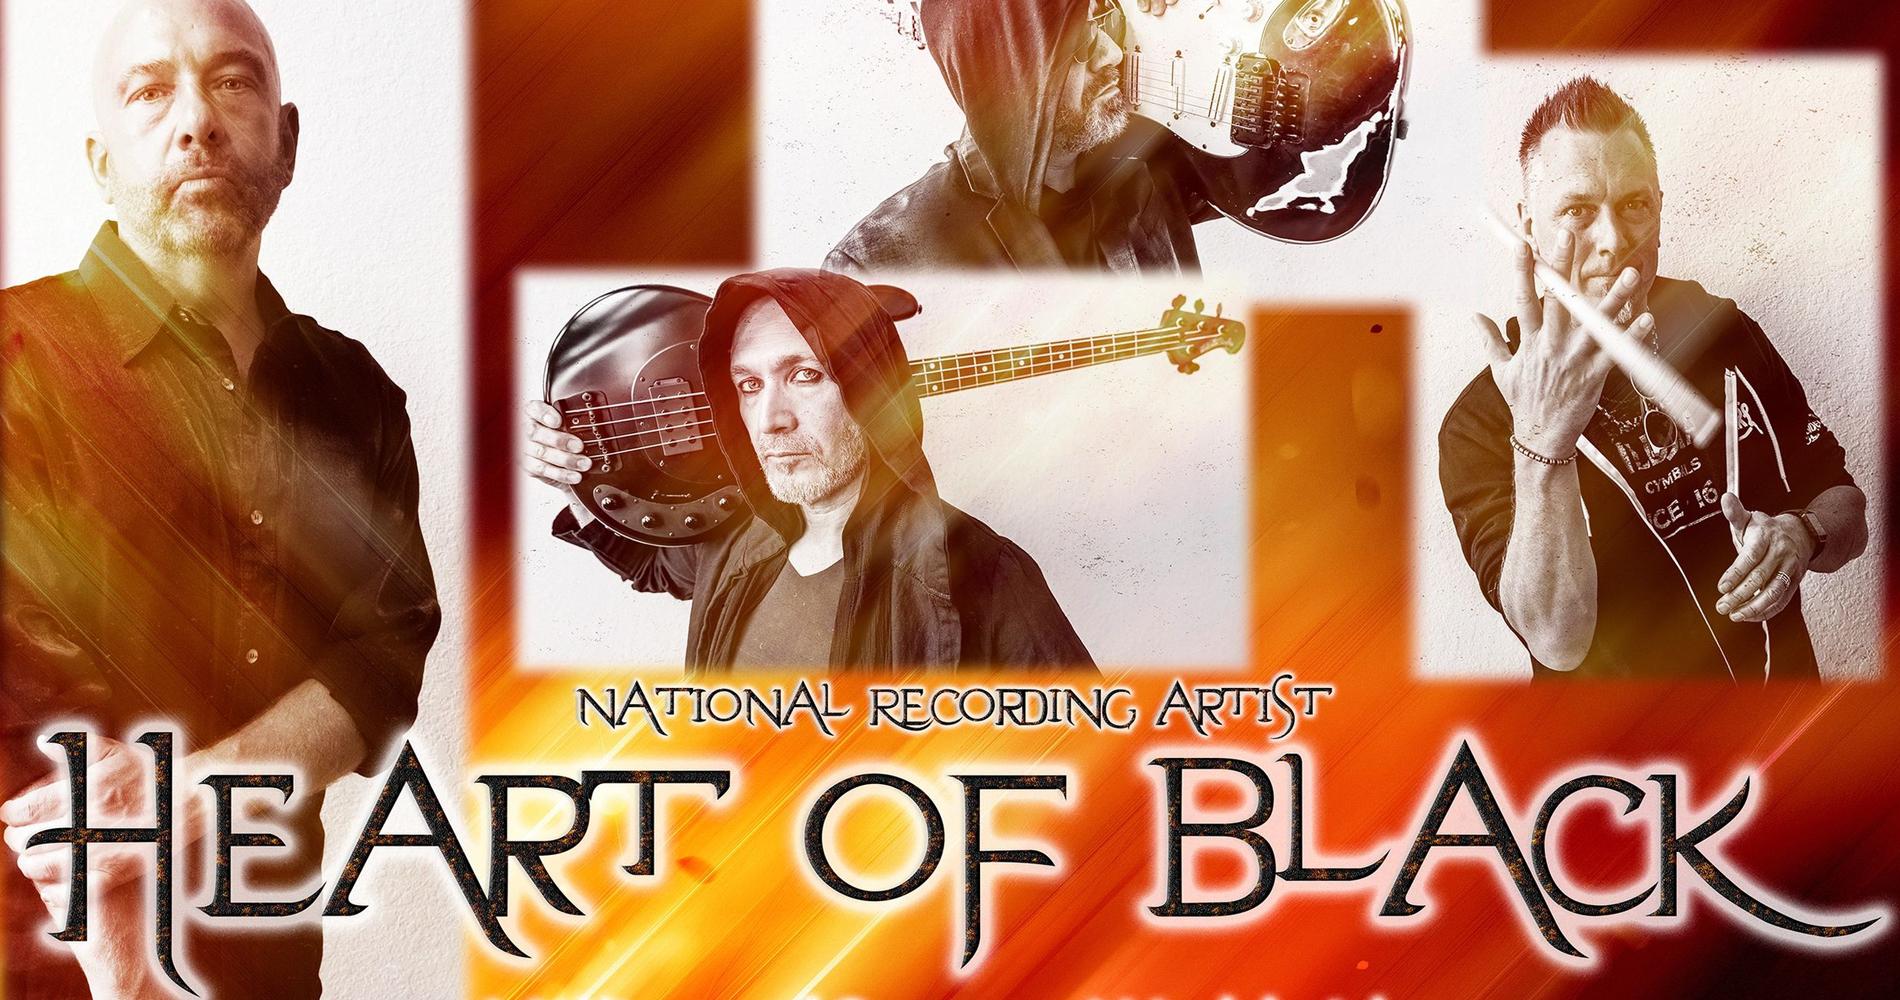 Heart of Black